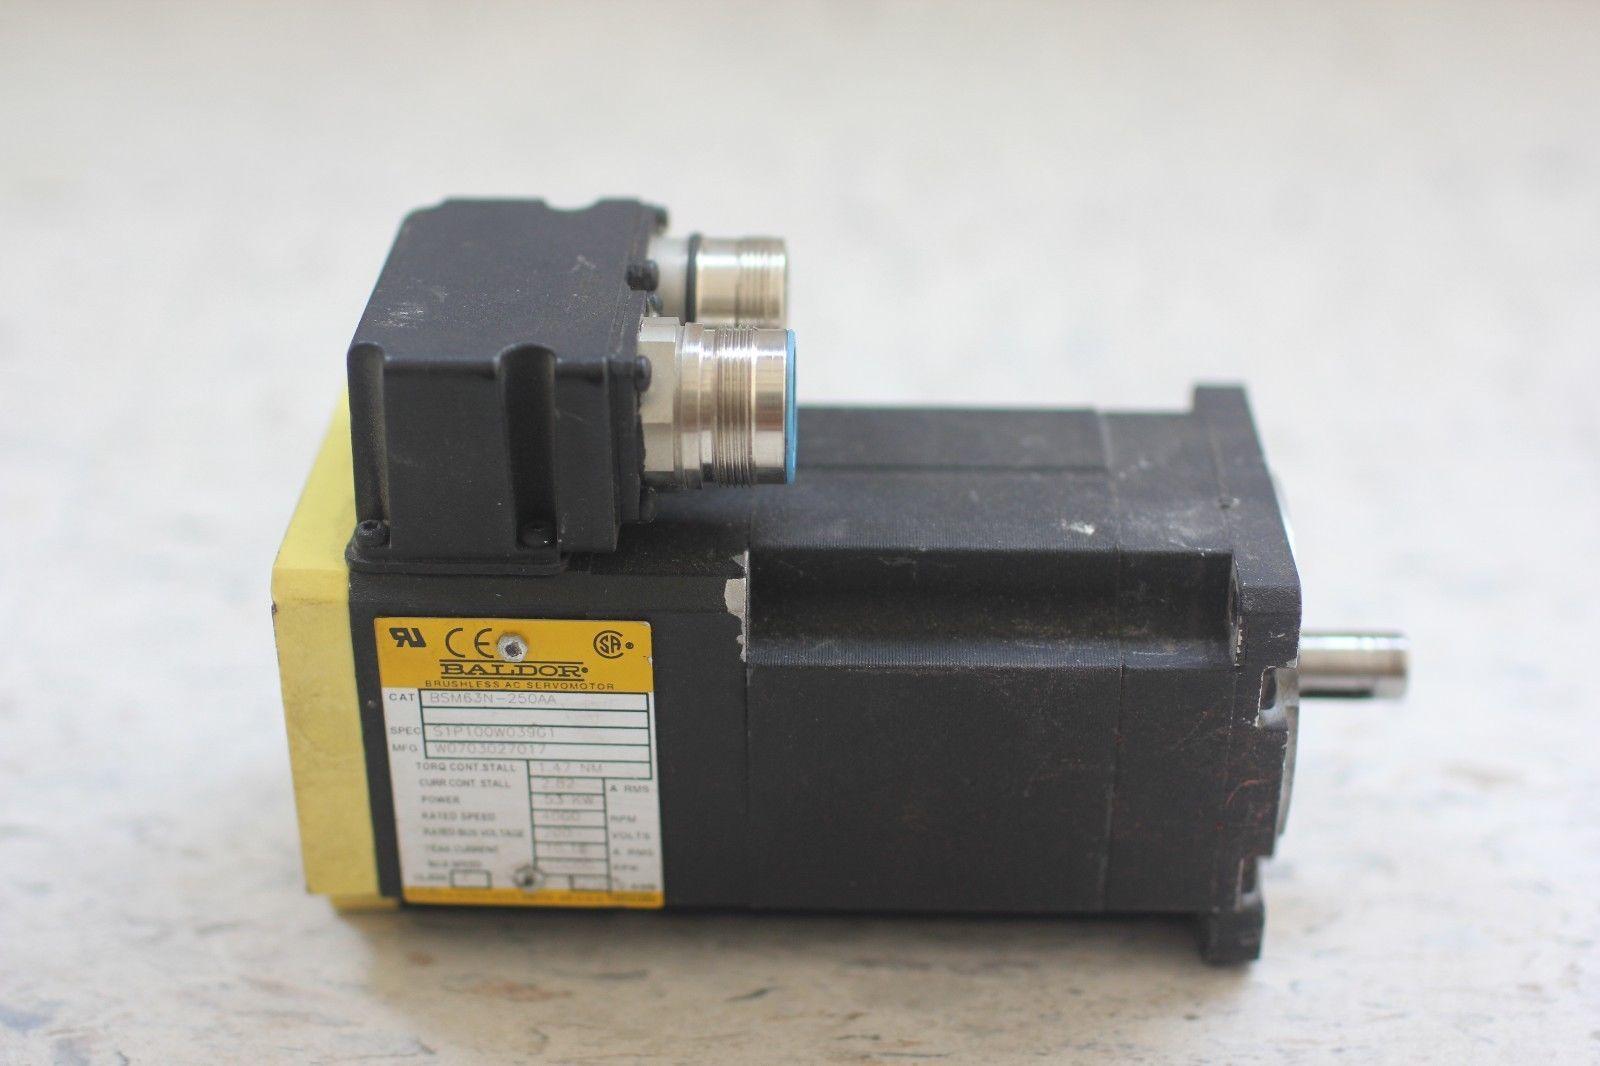 Used Baldor Brushless Ac Servo Motor Bsm63n 250aa